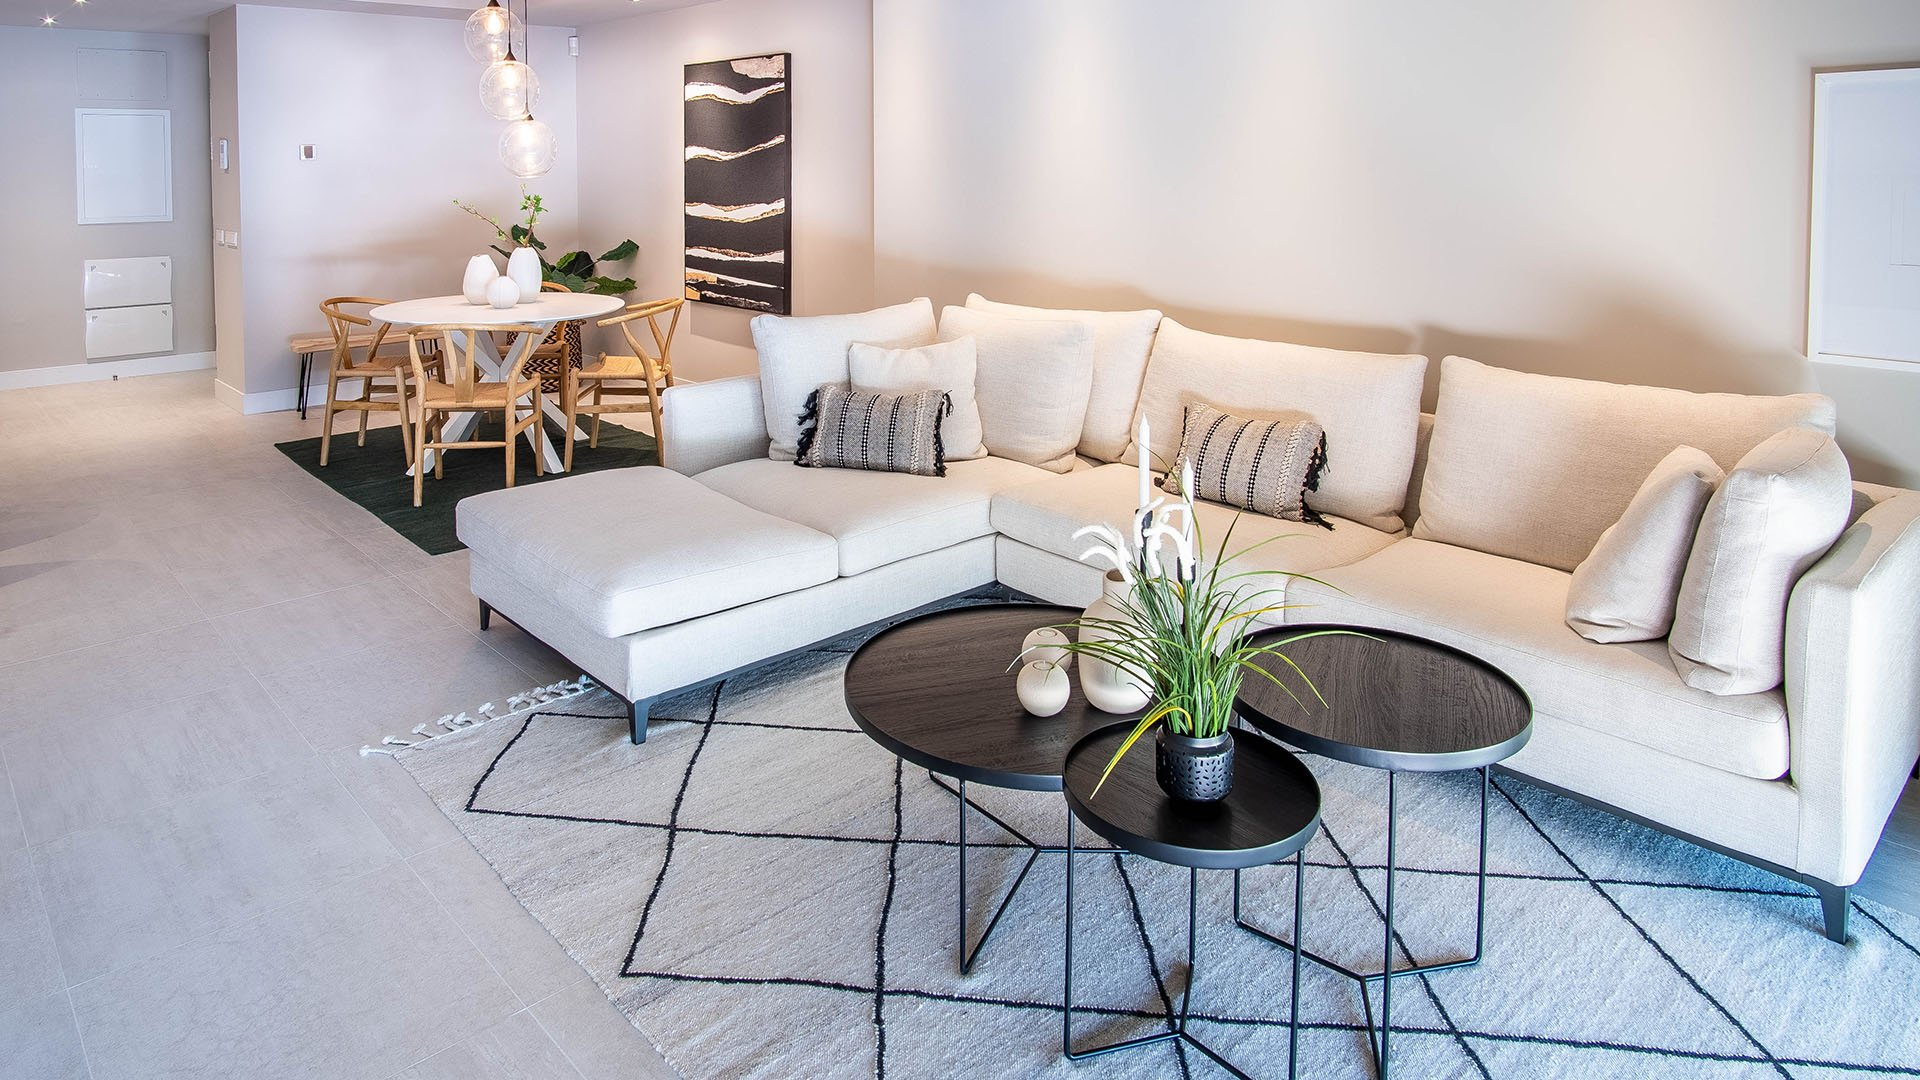 Azahar De Marbella: Spectacular 3-bedroom apartment with a sea view in Nueva Andalucía